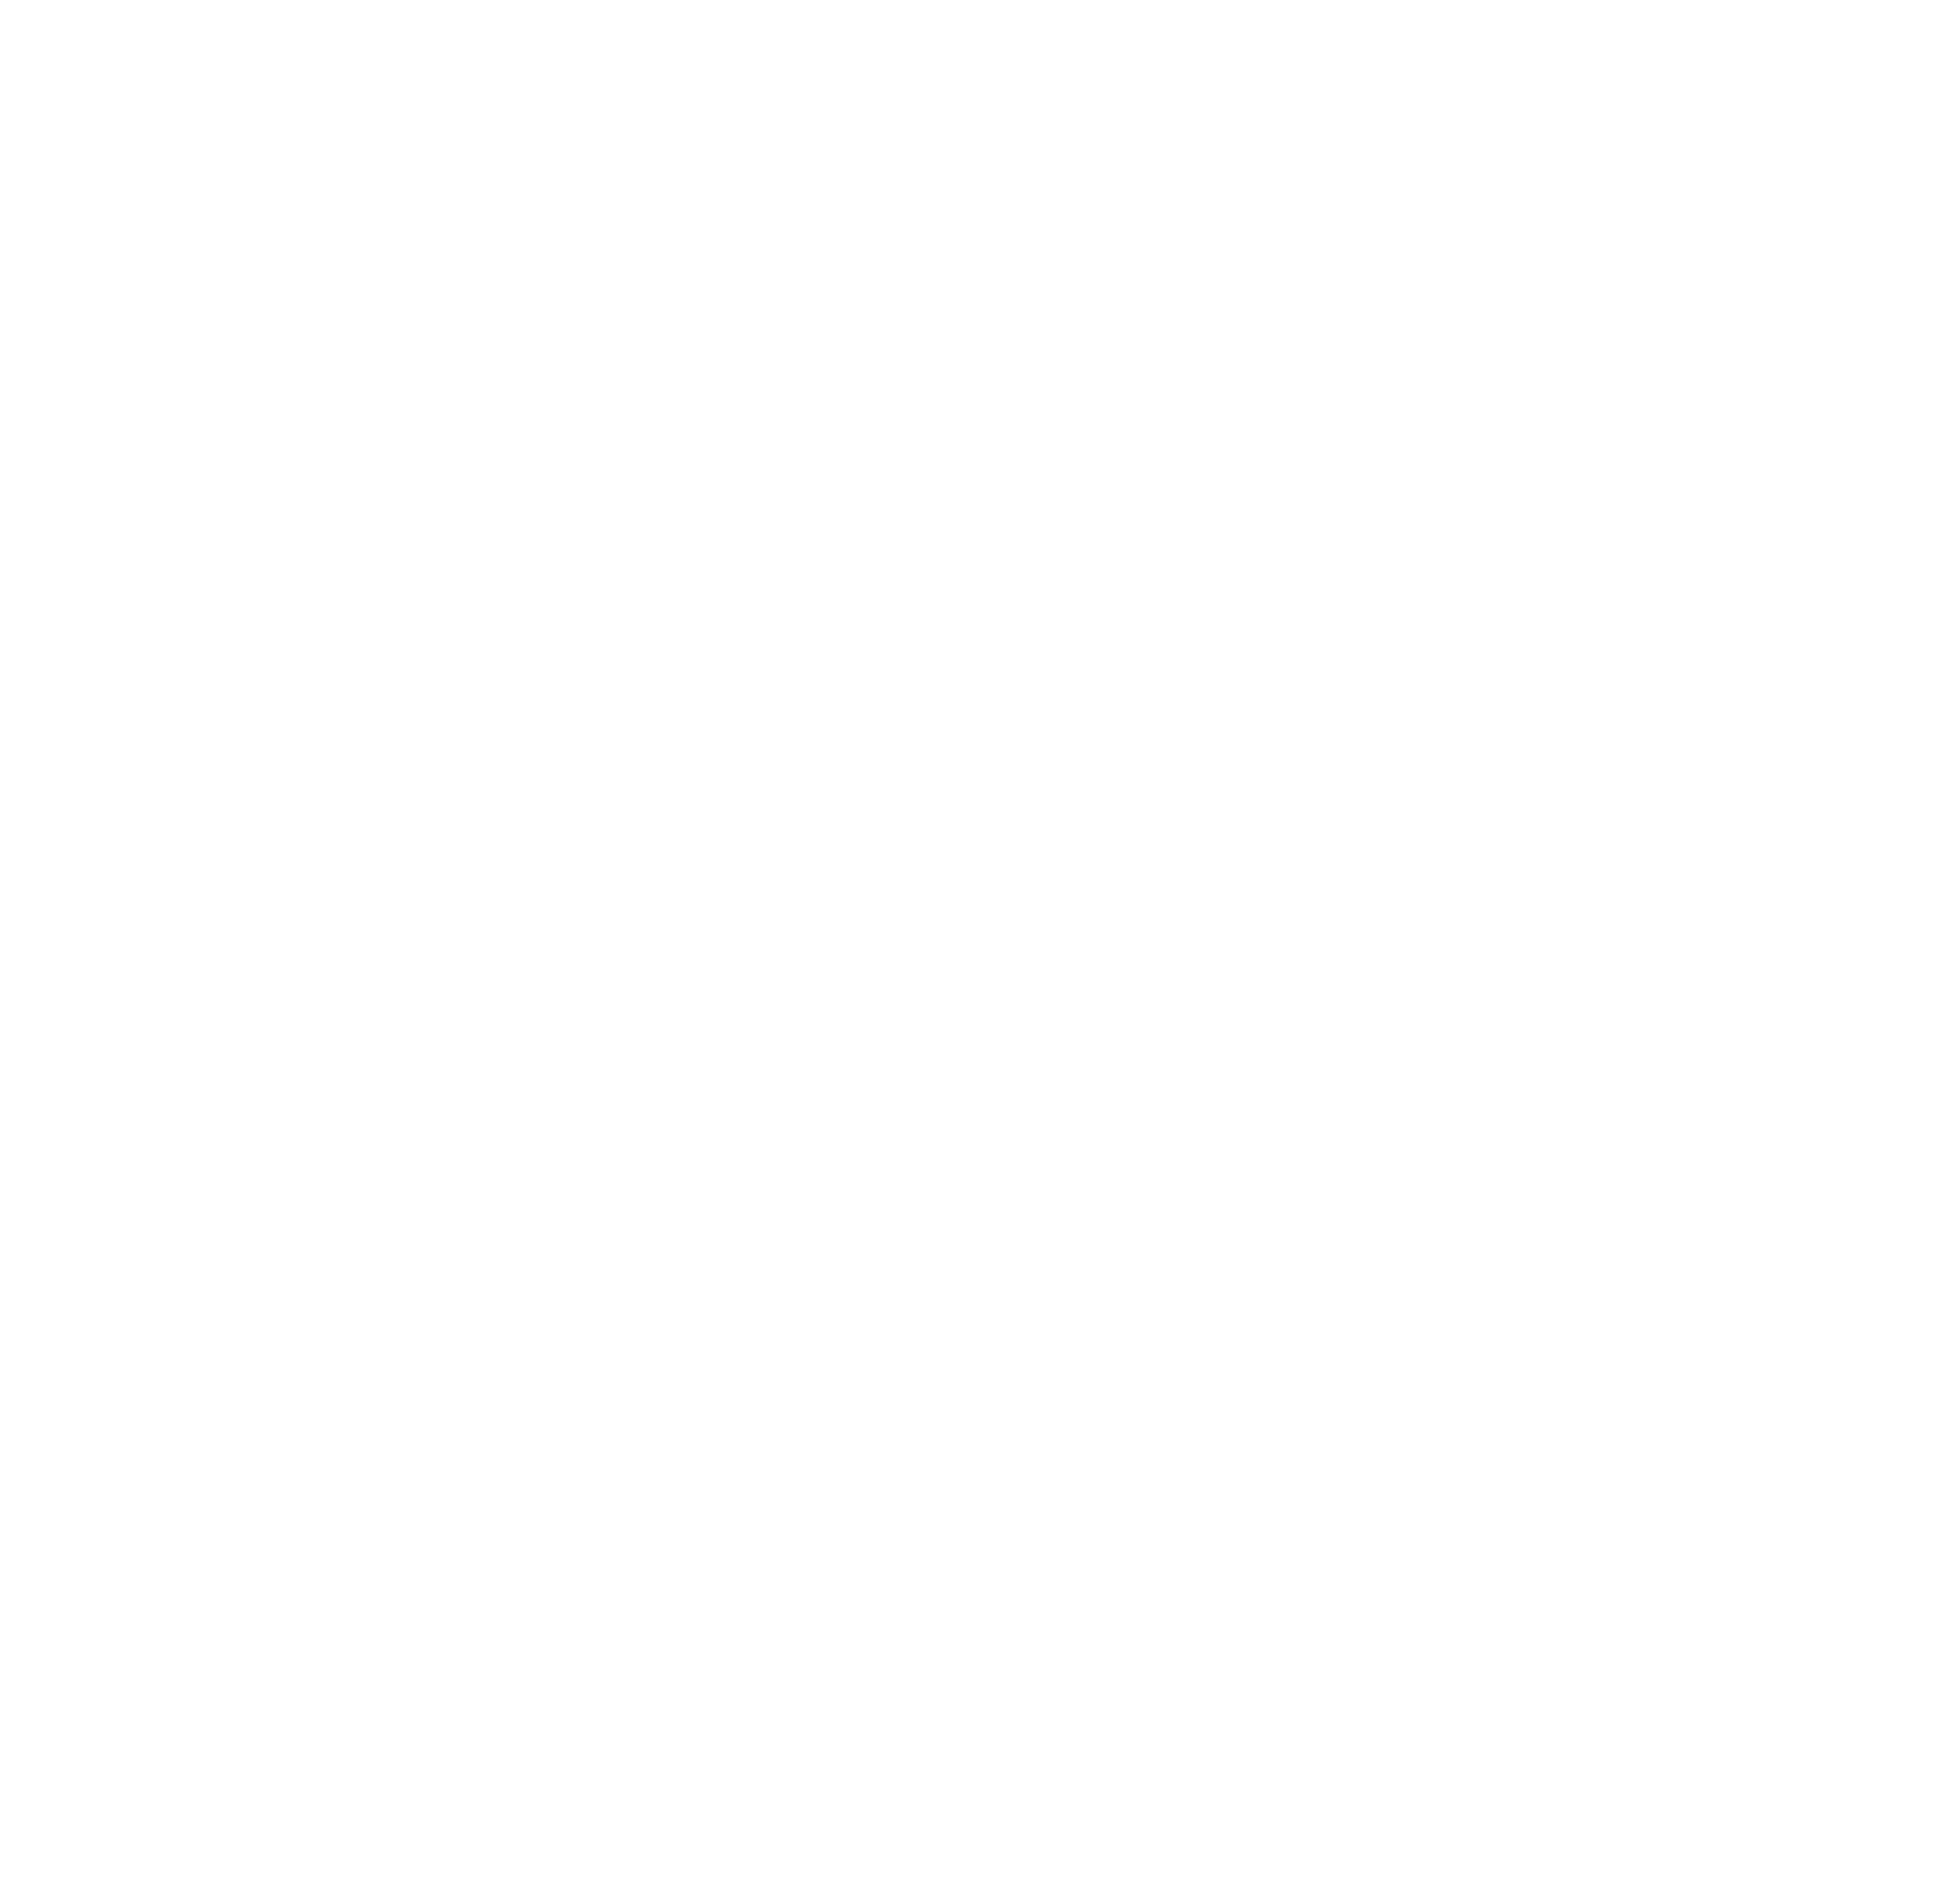 MASS Reports